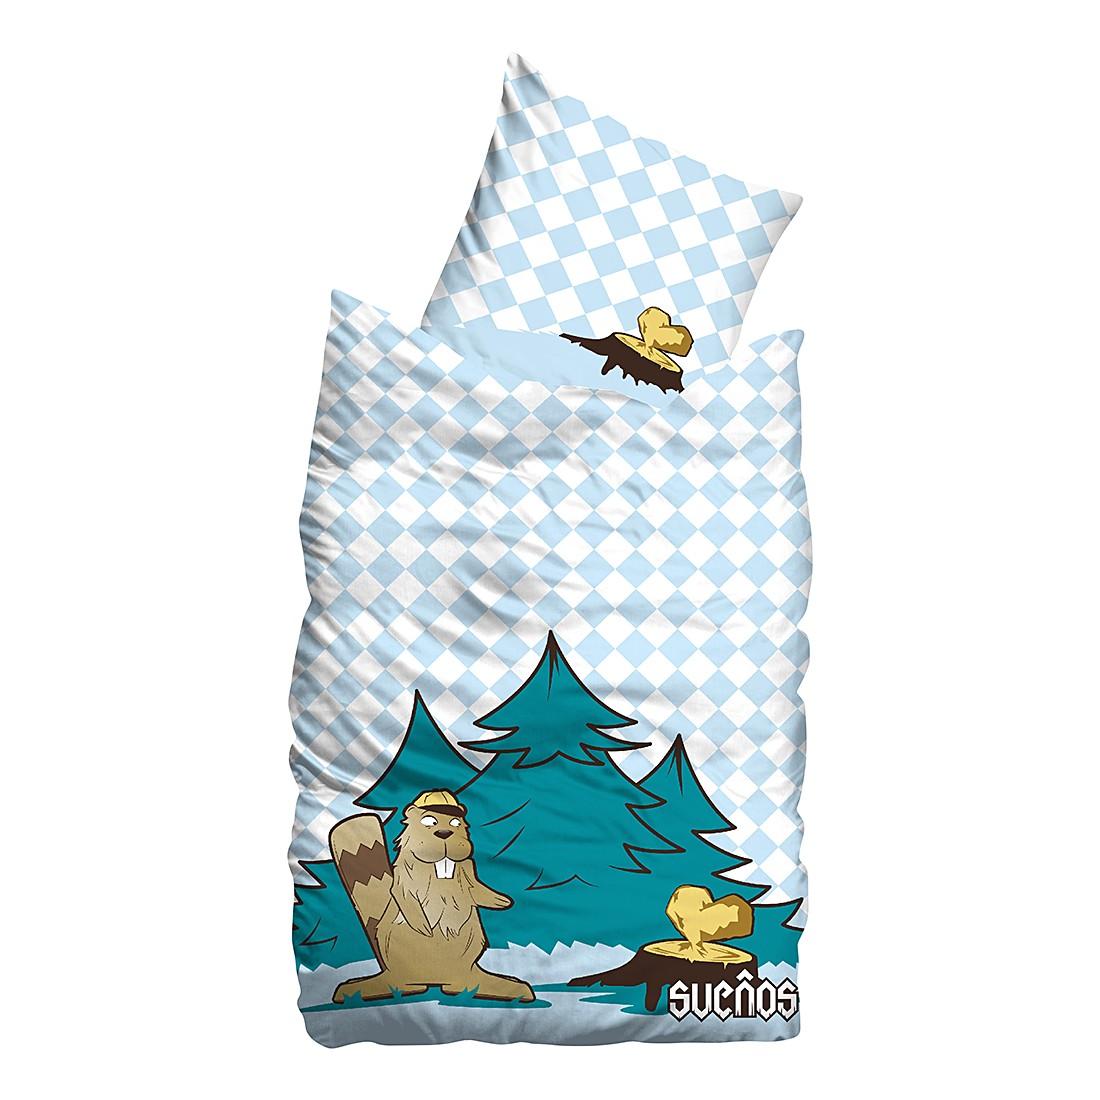 Linon Bettwäsche Beaver – Türkis – 155 x 220 cm + Kissen 80 x 80 cm, Sueños jetzt bestellen